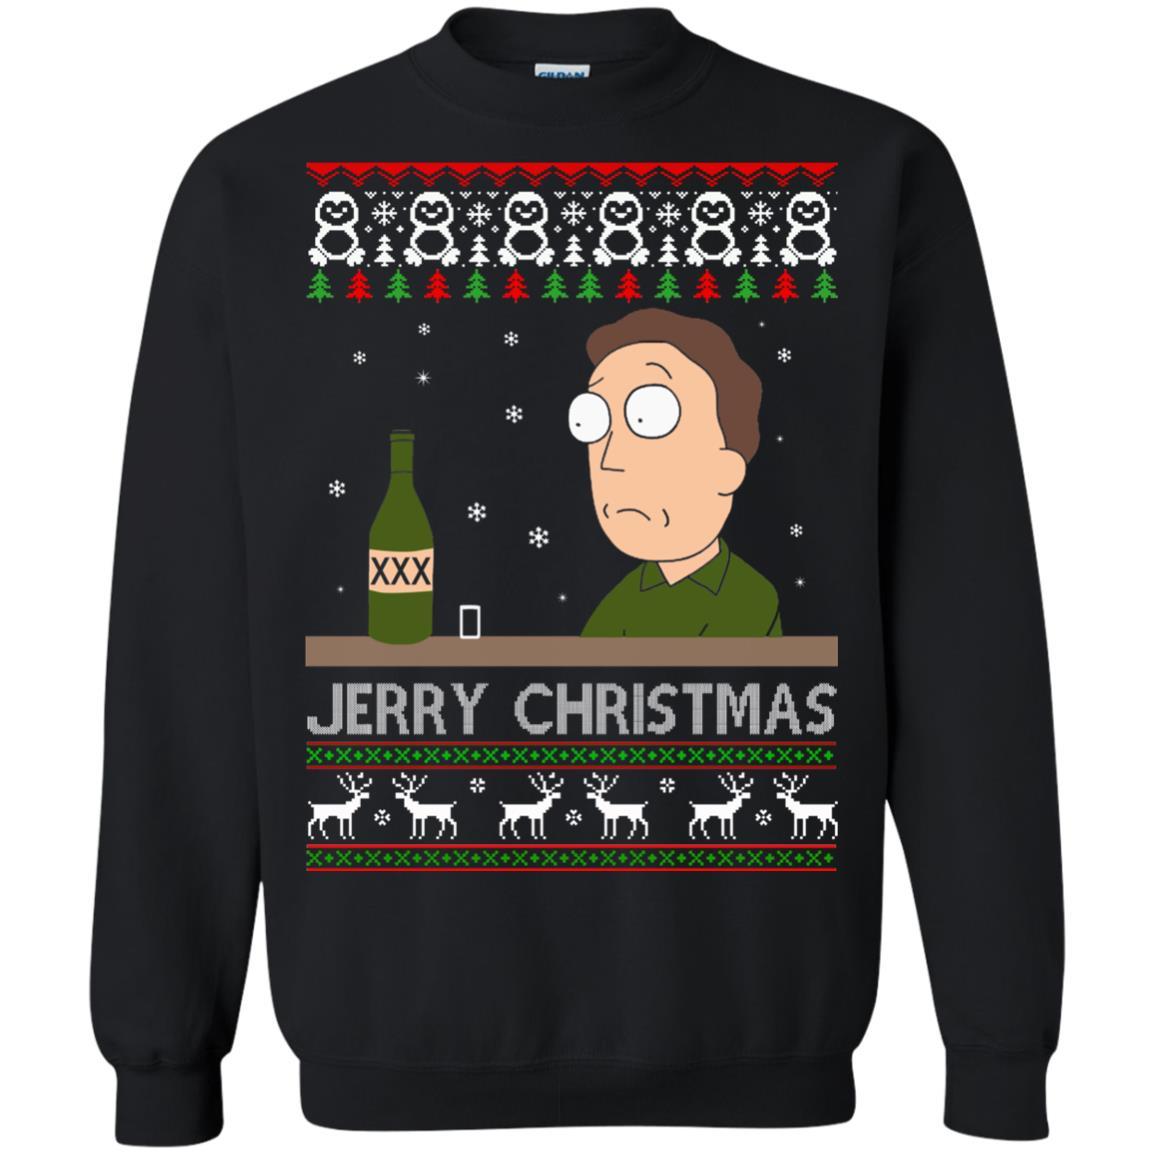 Jerry Christmas Ugly sweatshirt, hoodie, long sleeve